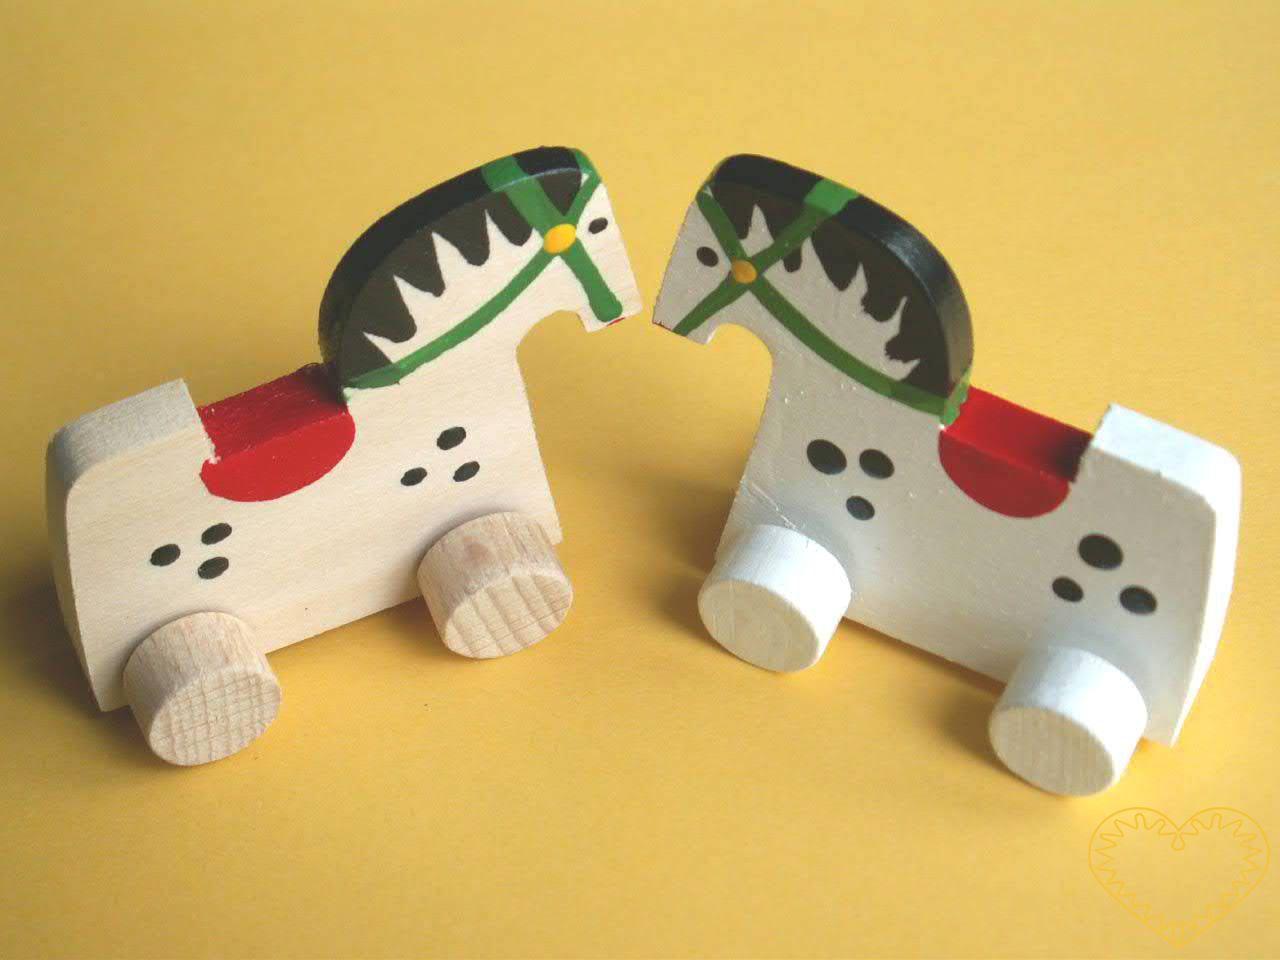 Malé vyřezávané zvířátko na kolečkách - koník. Drobný malovaný suvenýr vycházející ze vzorů tradičních dětských dřevěných hraček.